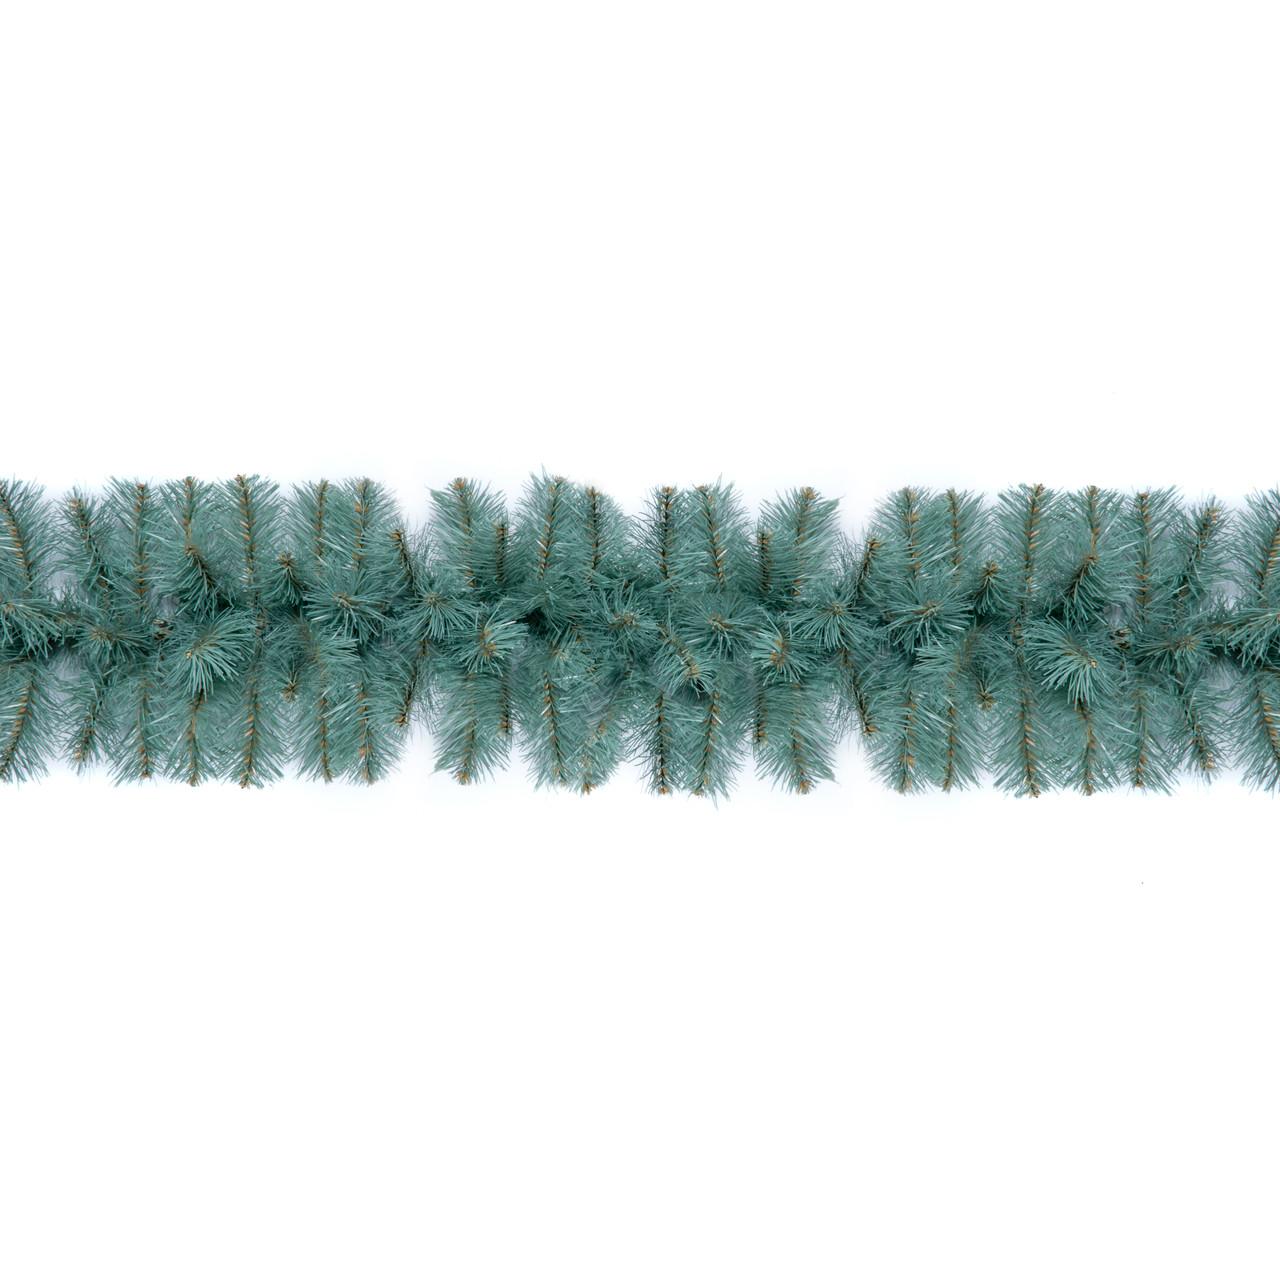 Декор хвойная гирлянда Econom голубая Ø 20 см